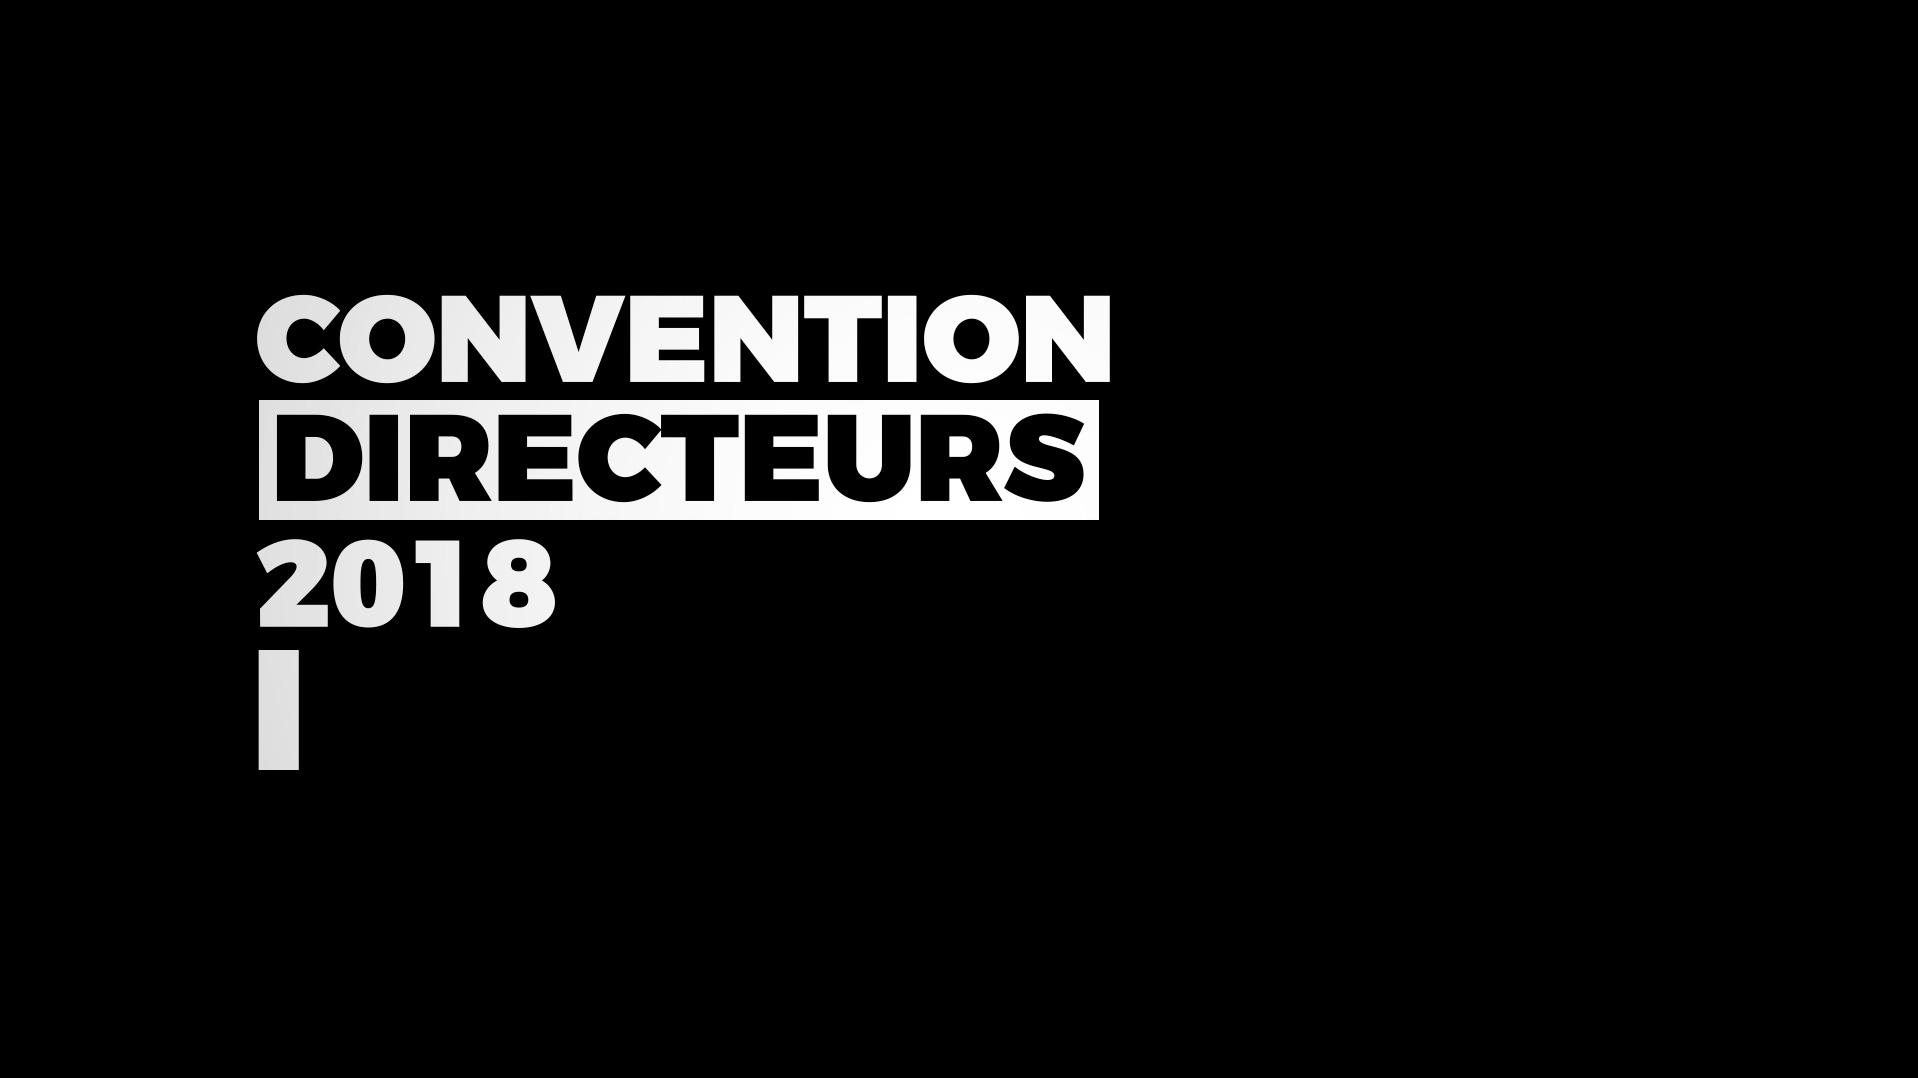 Directeur - 2018 - Teaser